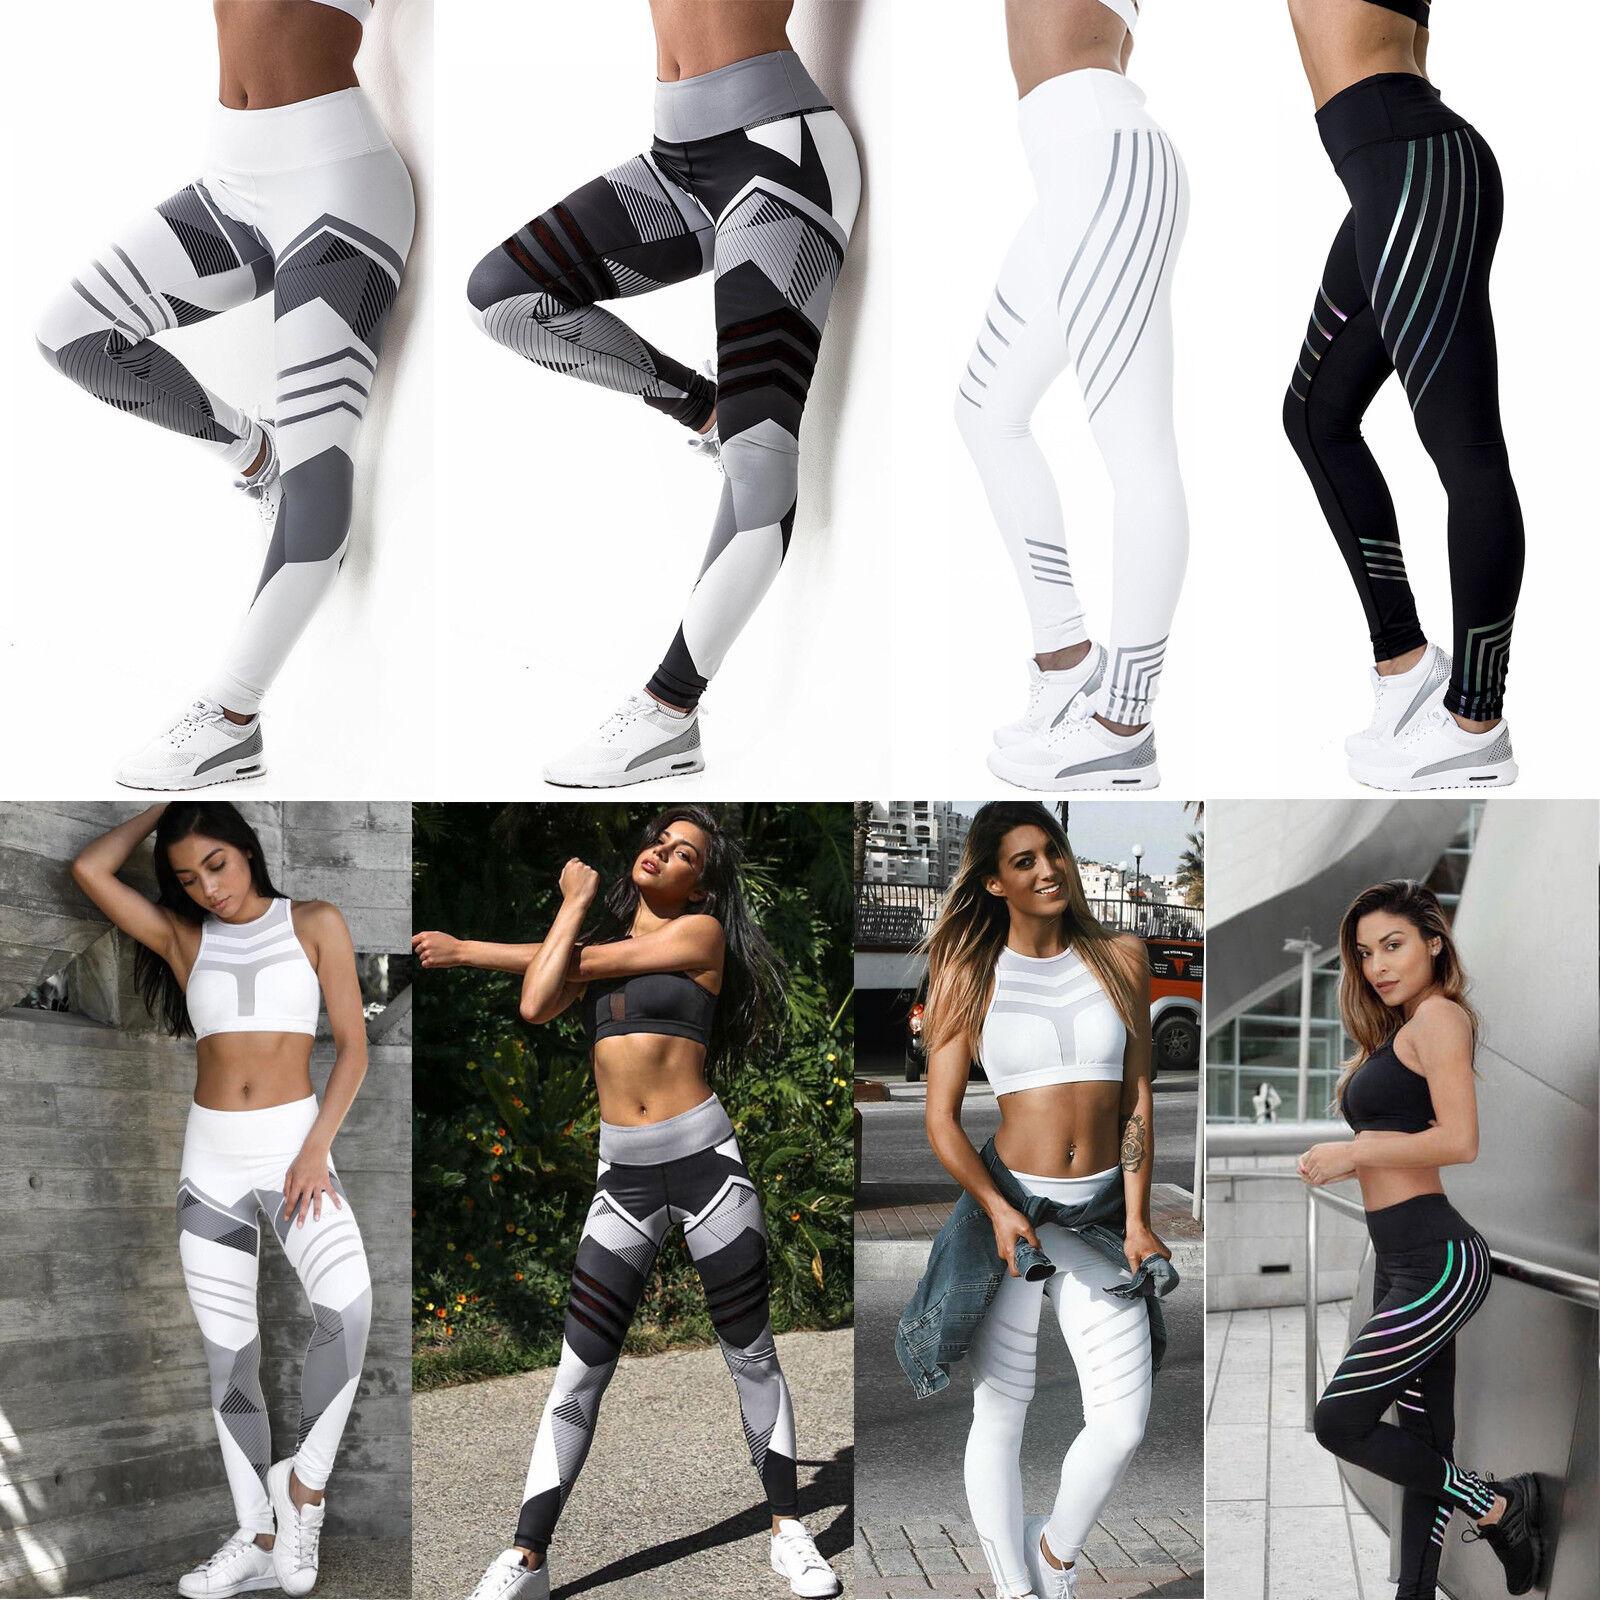 a02443dc5c78d Details about Womens Workout Leggings Yoga Gym Jogging Slim Fit Sports  Training Pants Trouser